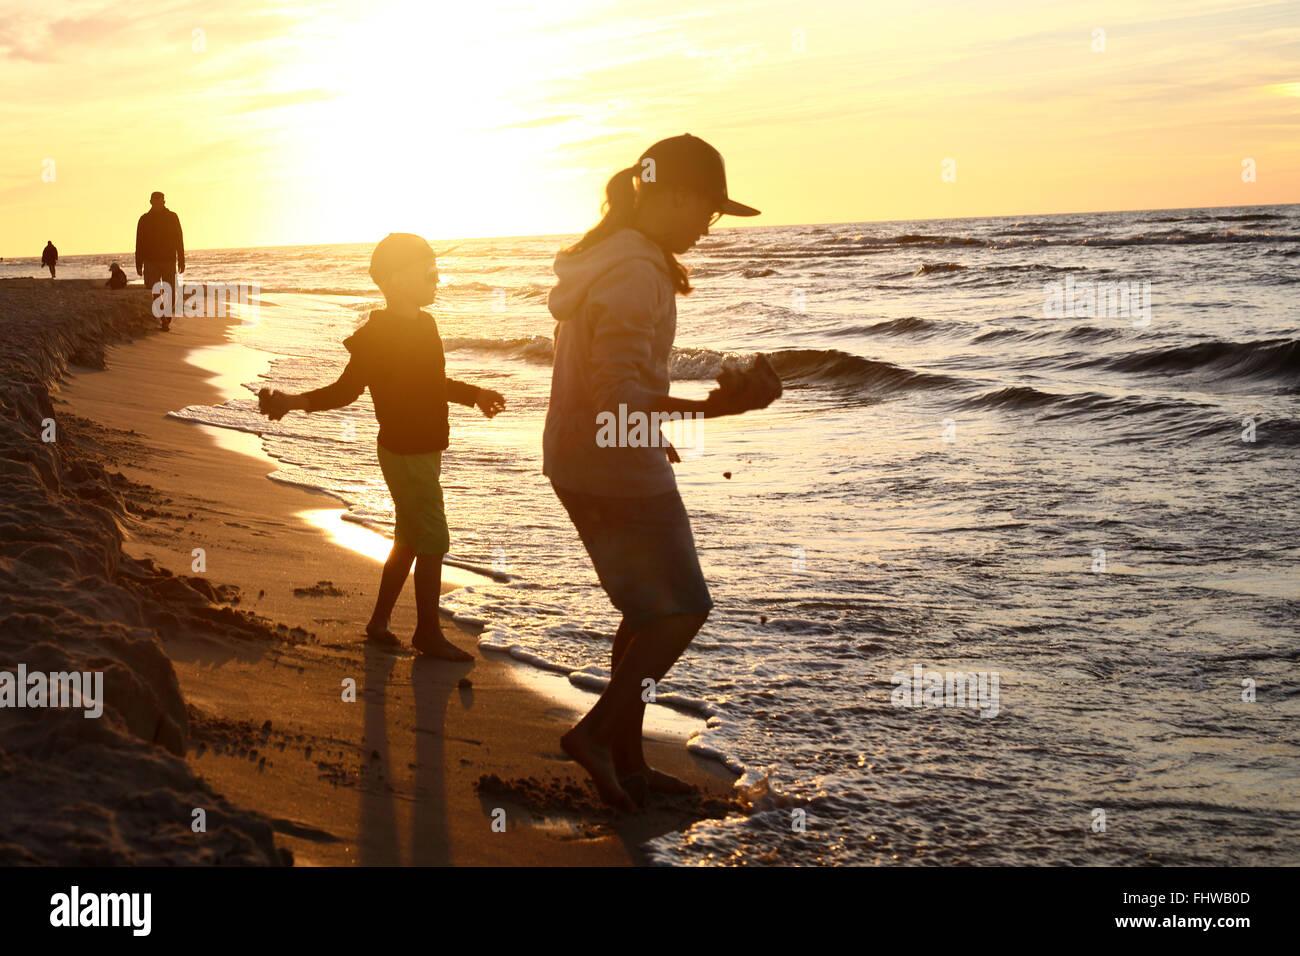 Walking am Strand, Sonnenuntergang. Kinder Jungen und Mädchen spielen am Ufer Meeres auf einem sandigen Strand Stockbild